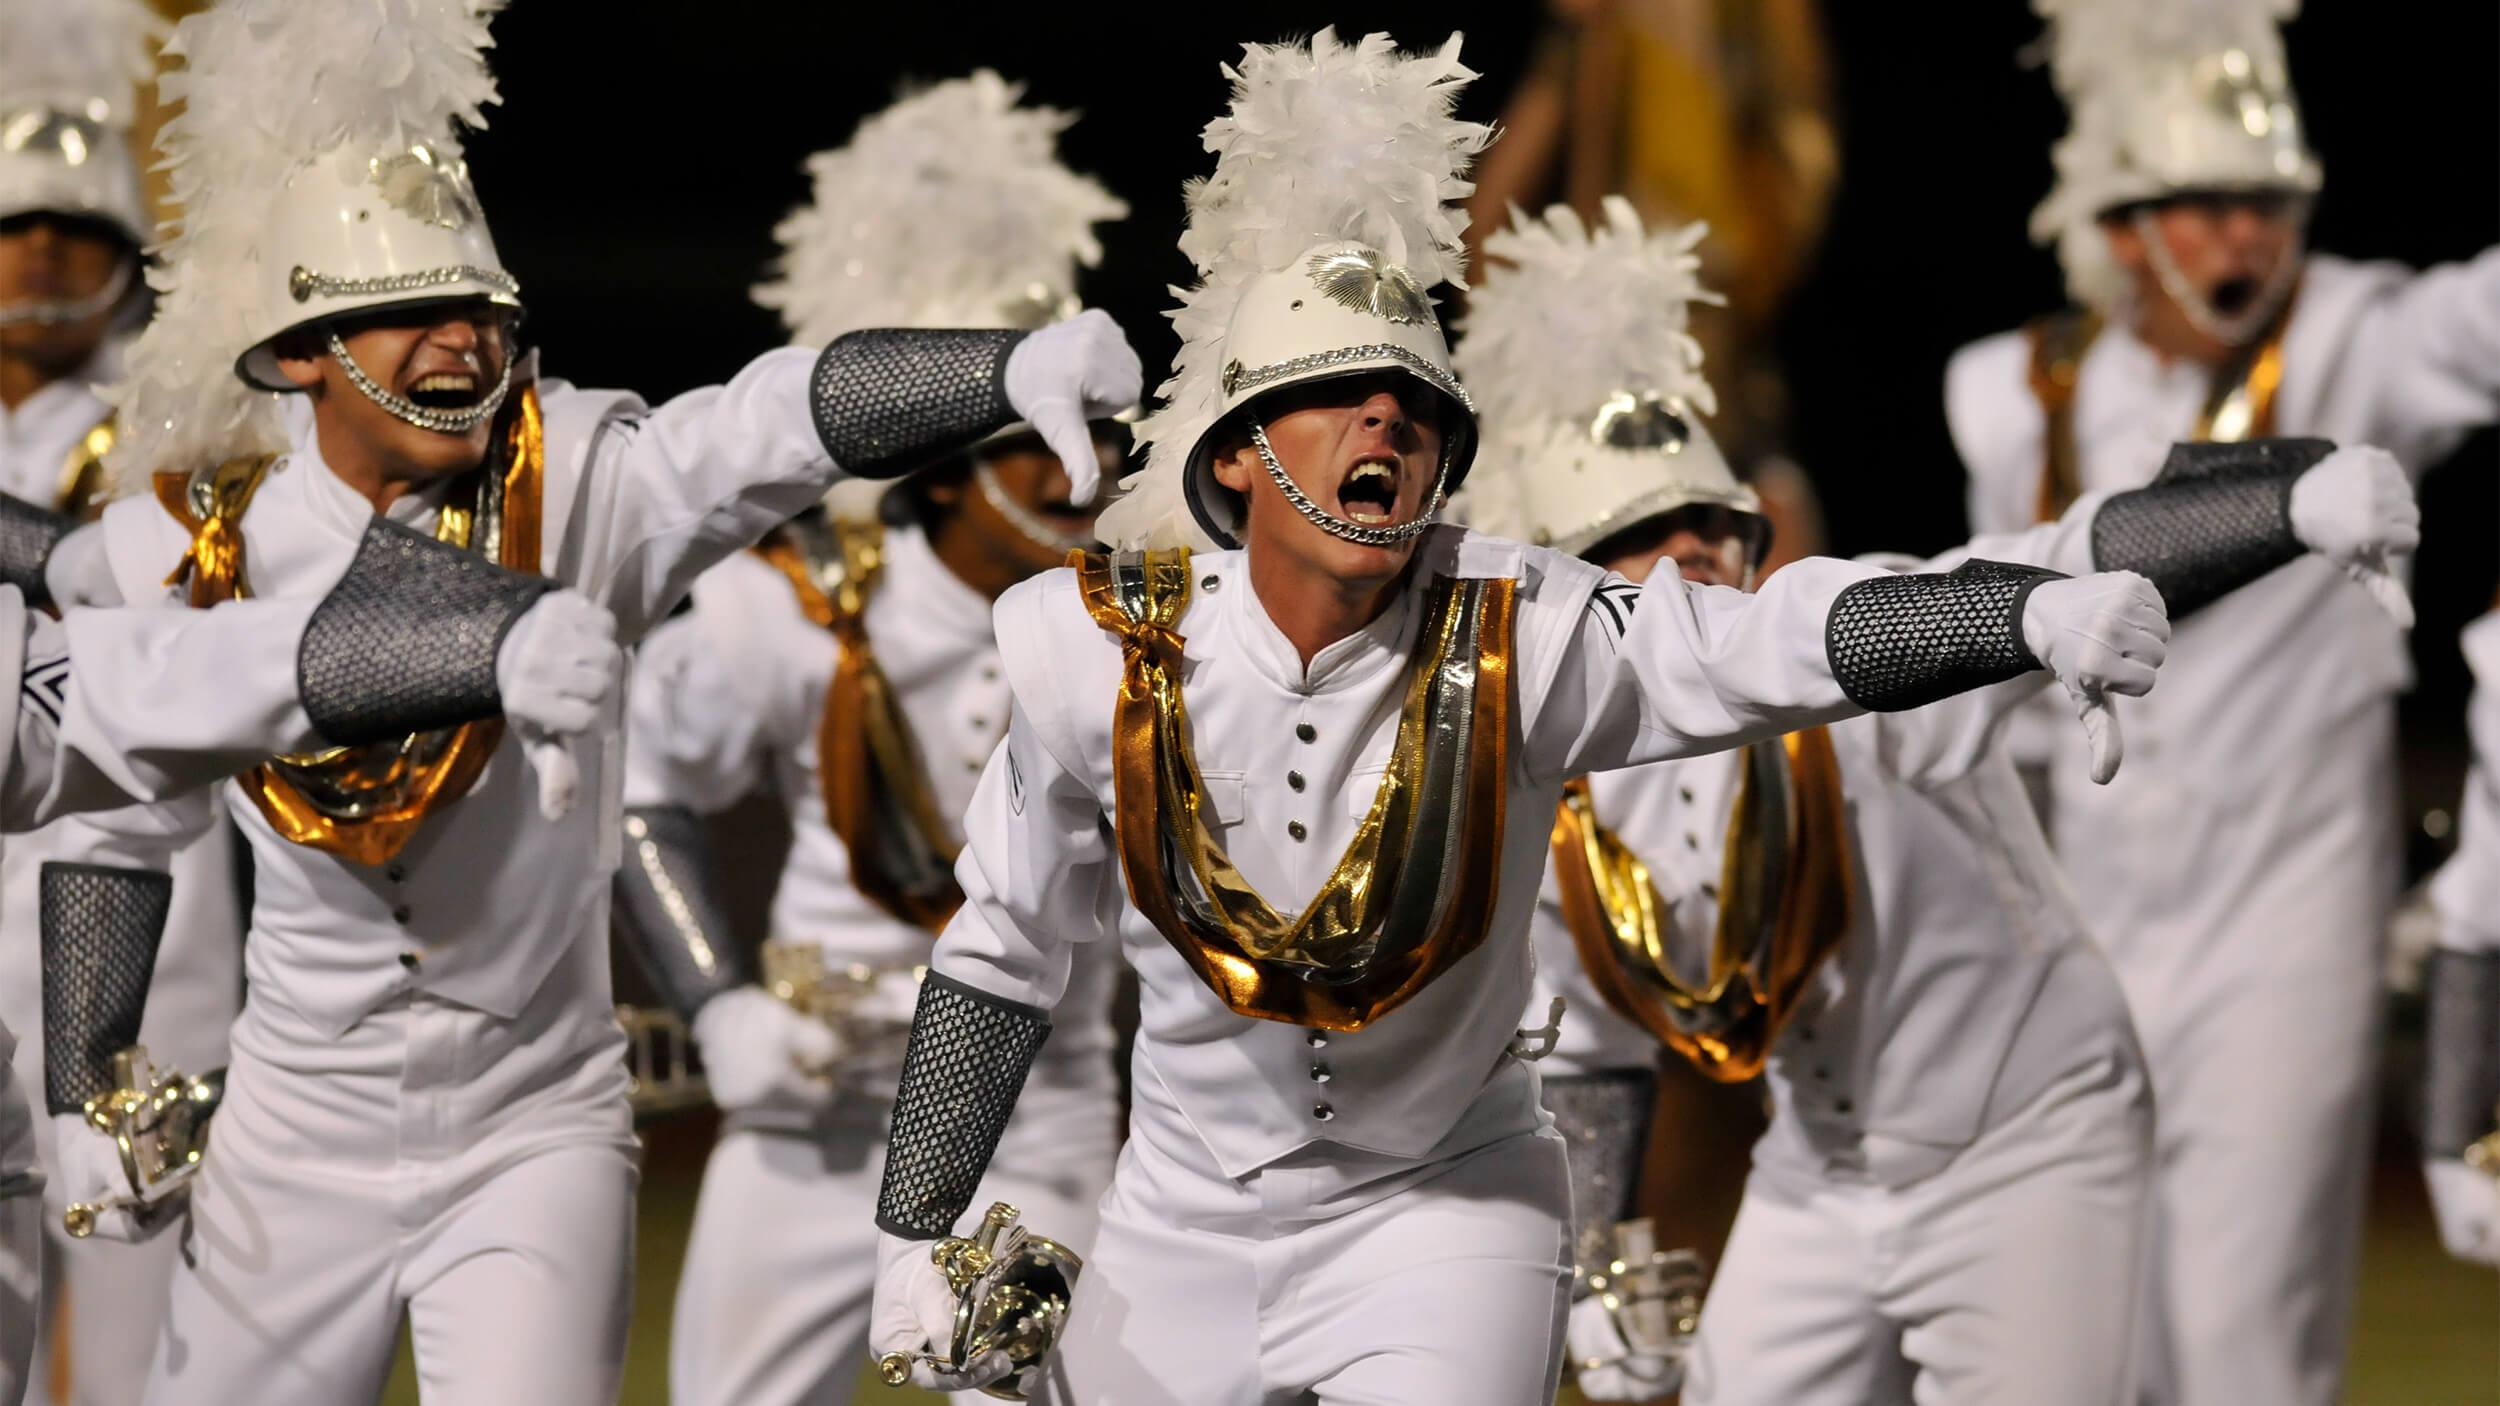 Allentown performance heralds gold medal finish for Phantom Regiment